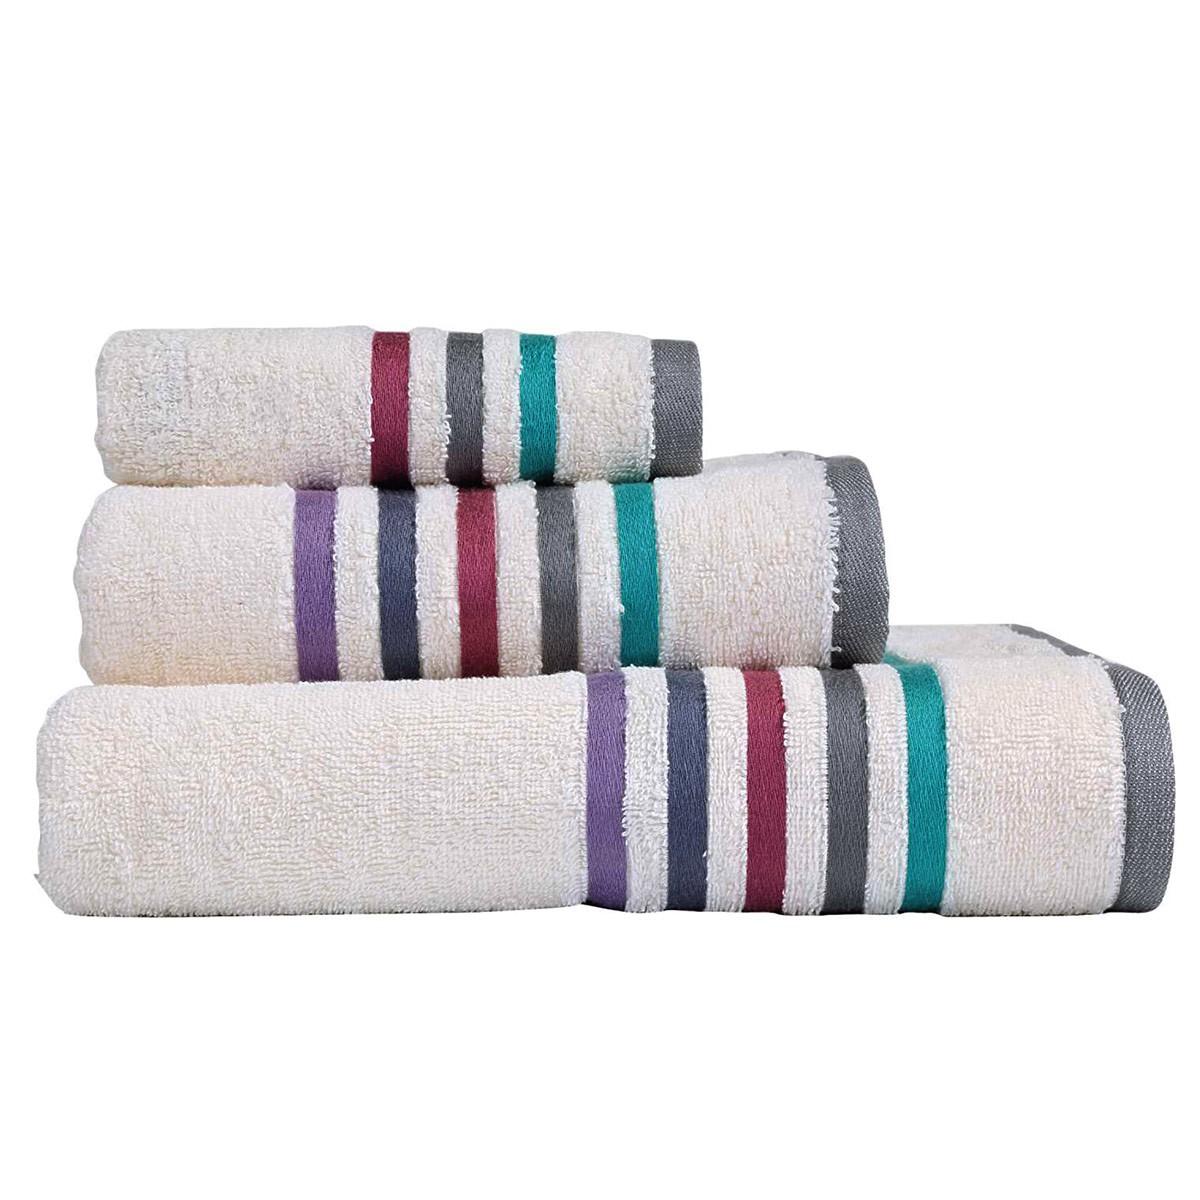 Πετσέτες Μπάνιου (Σετ 3τμχ) Nef-Nef Lines White